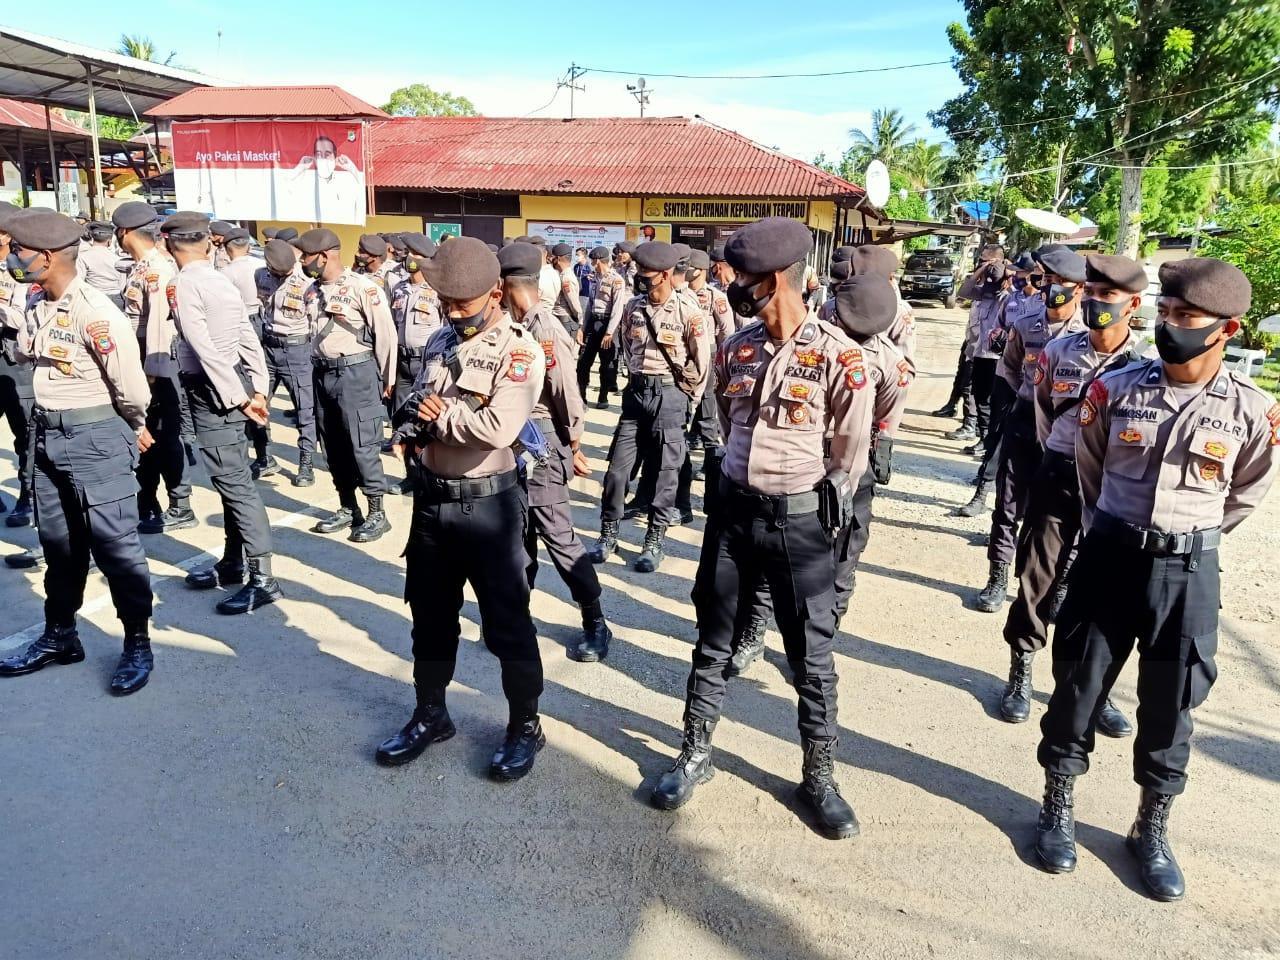 493 Personil Polres Manokwari Disiapkan Amankan Pilkada 4 IMG 20201206 WA0021